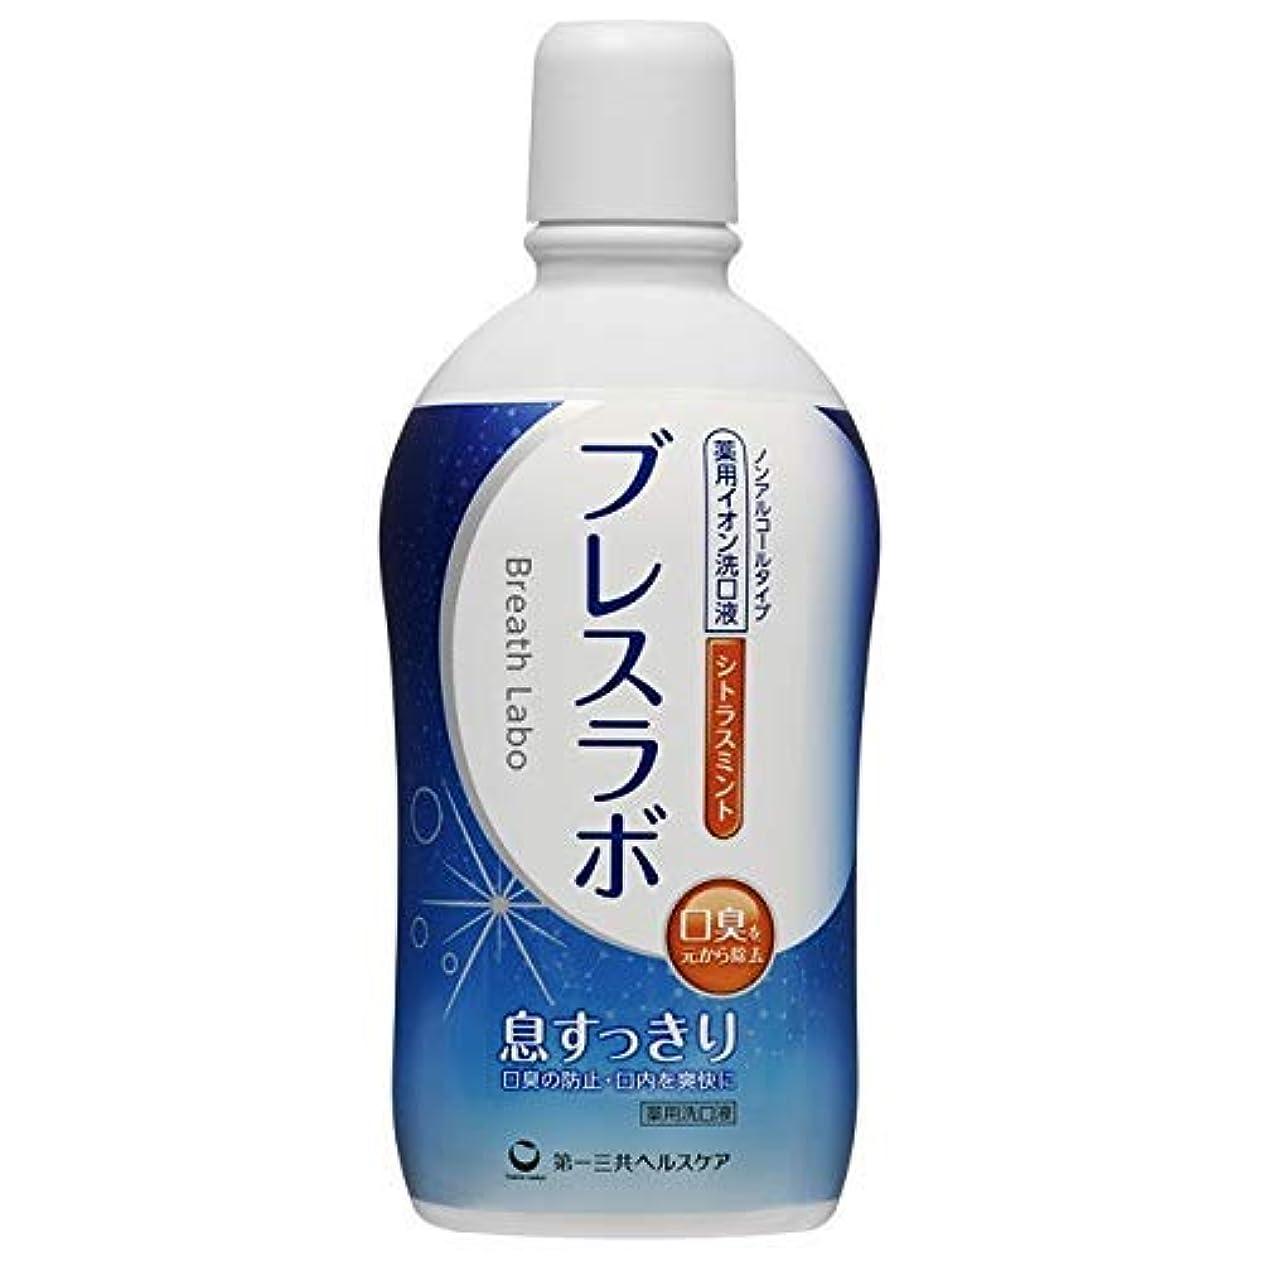 破壊アクチュエータ疫病第一三共ヘルスケア 薬用イオン洗口液 ブレスラボ マウスウォッシュ シトラスミント 450mL